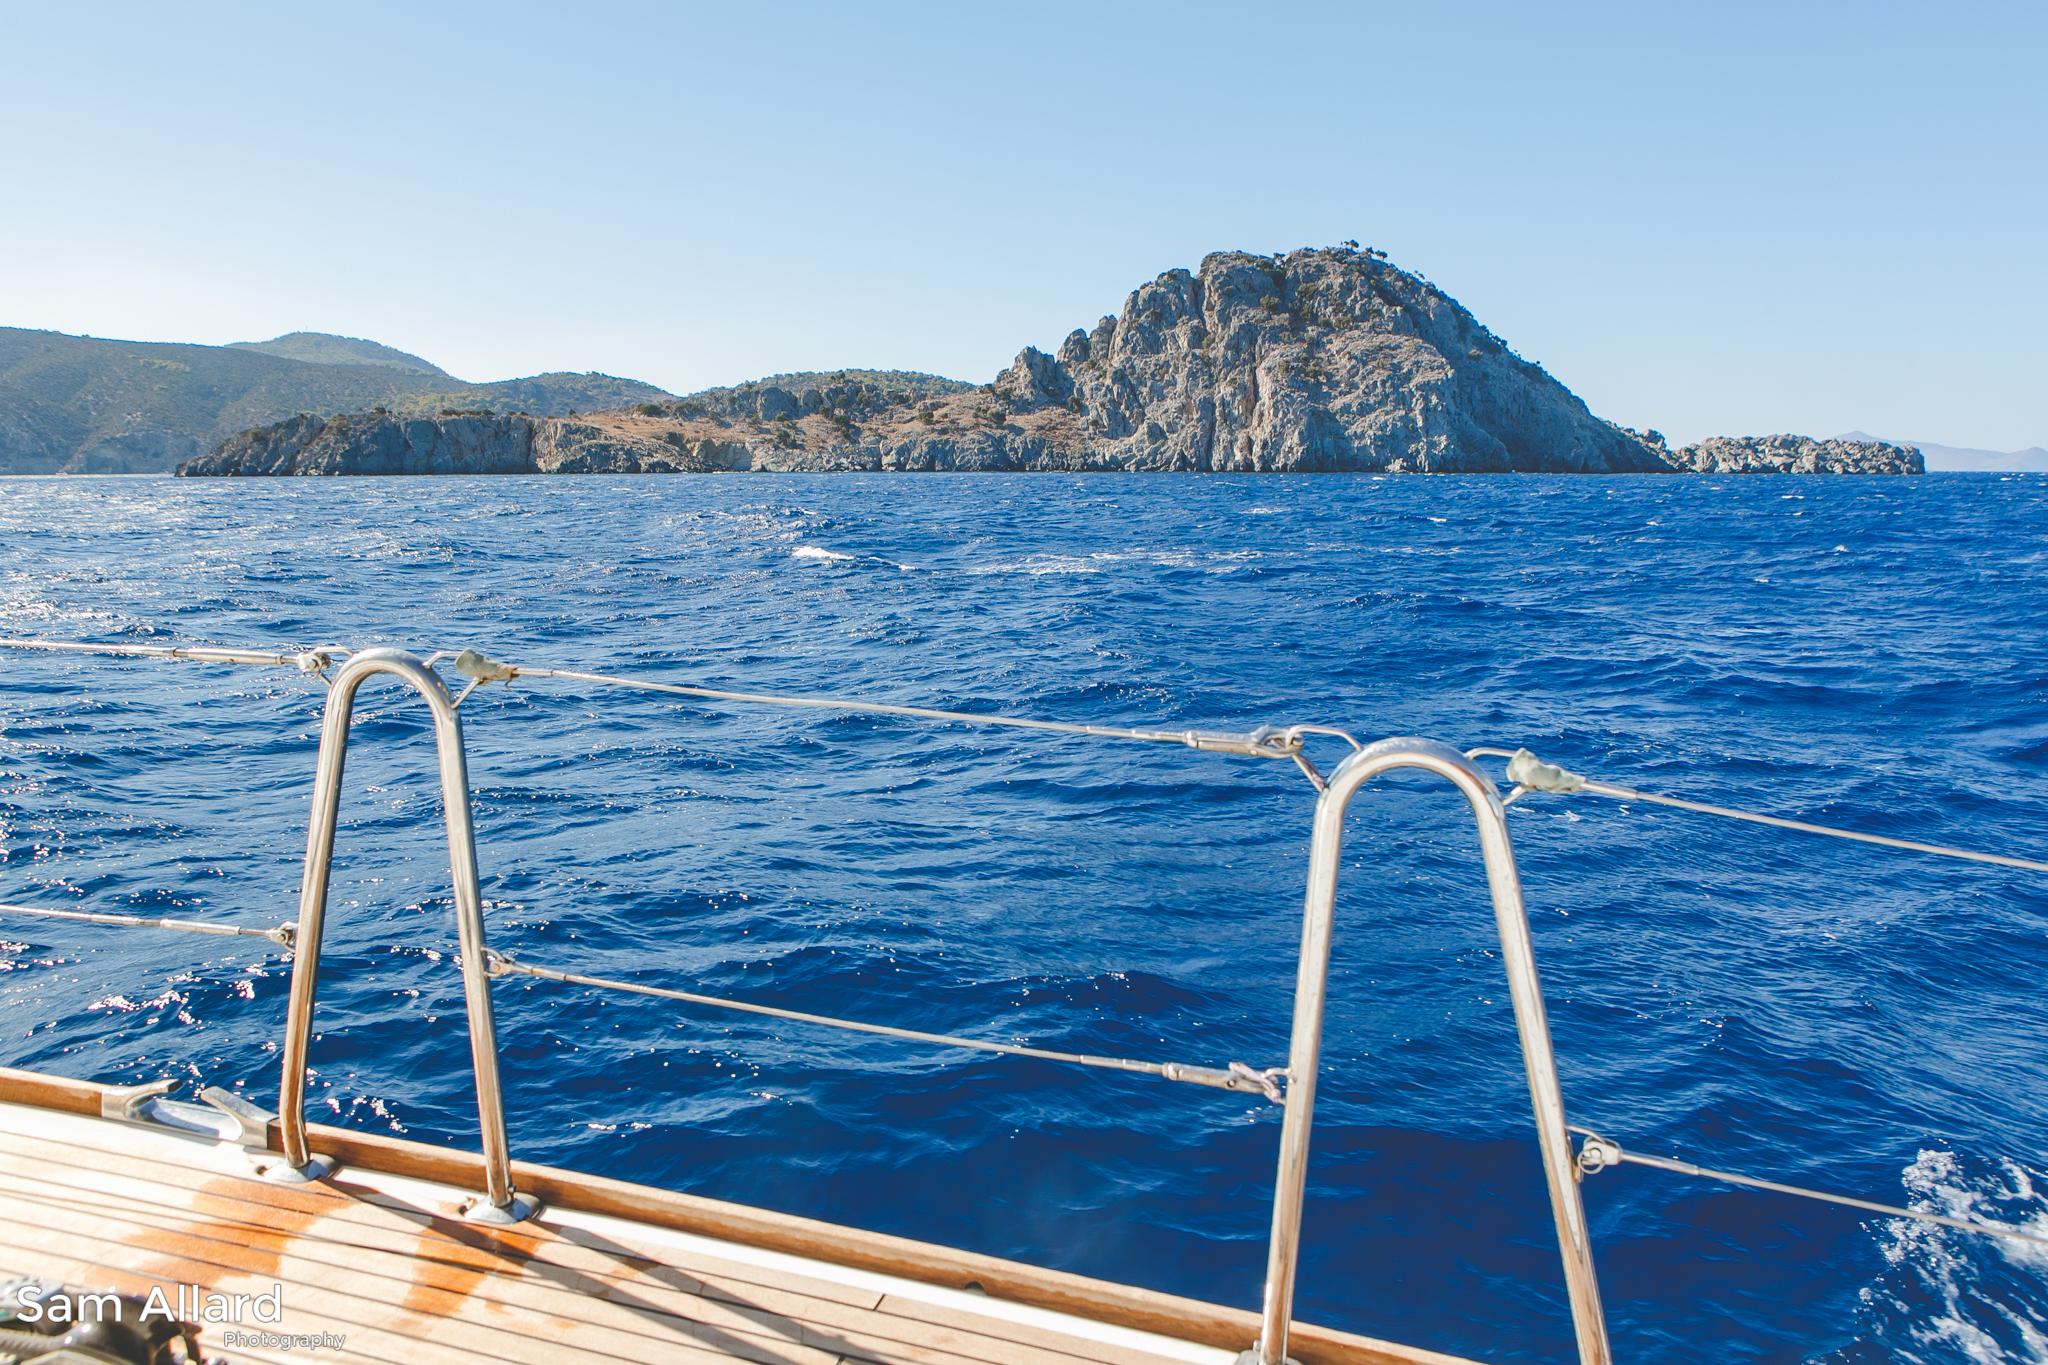 SamAllard_YachtWeek_Week33_173.jpg